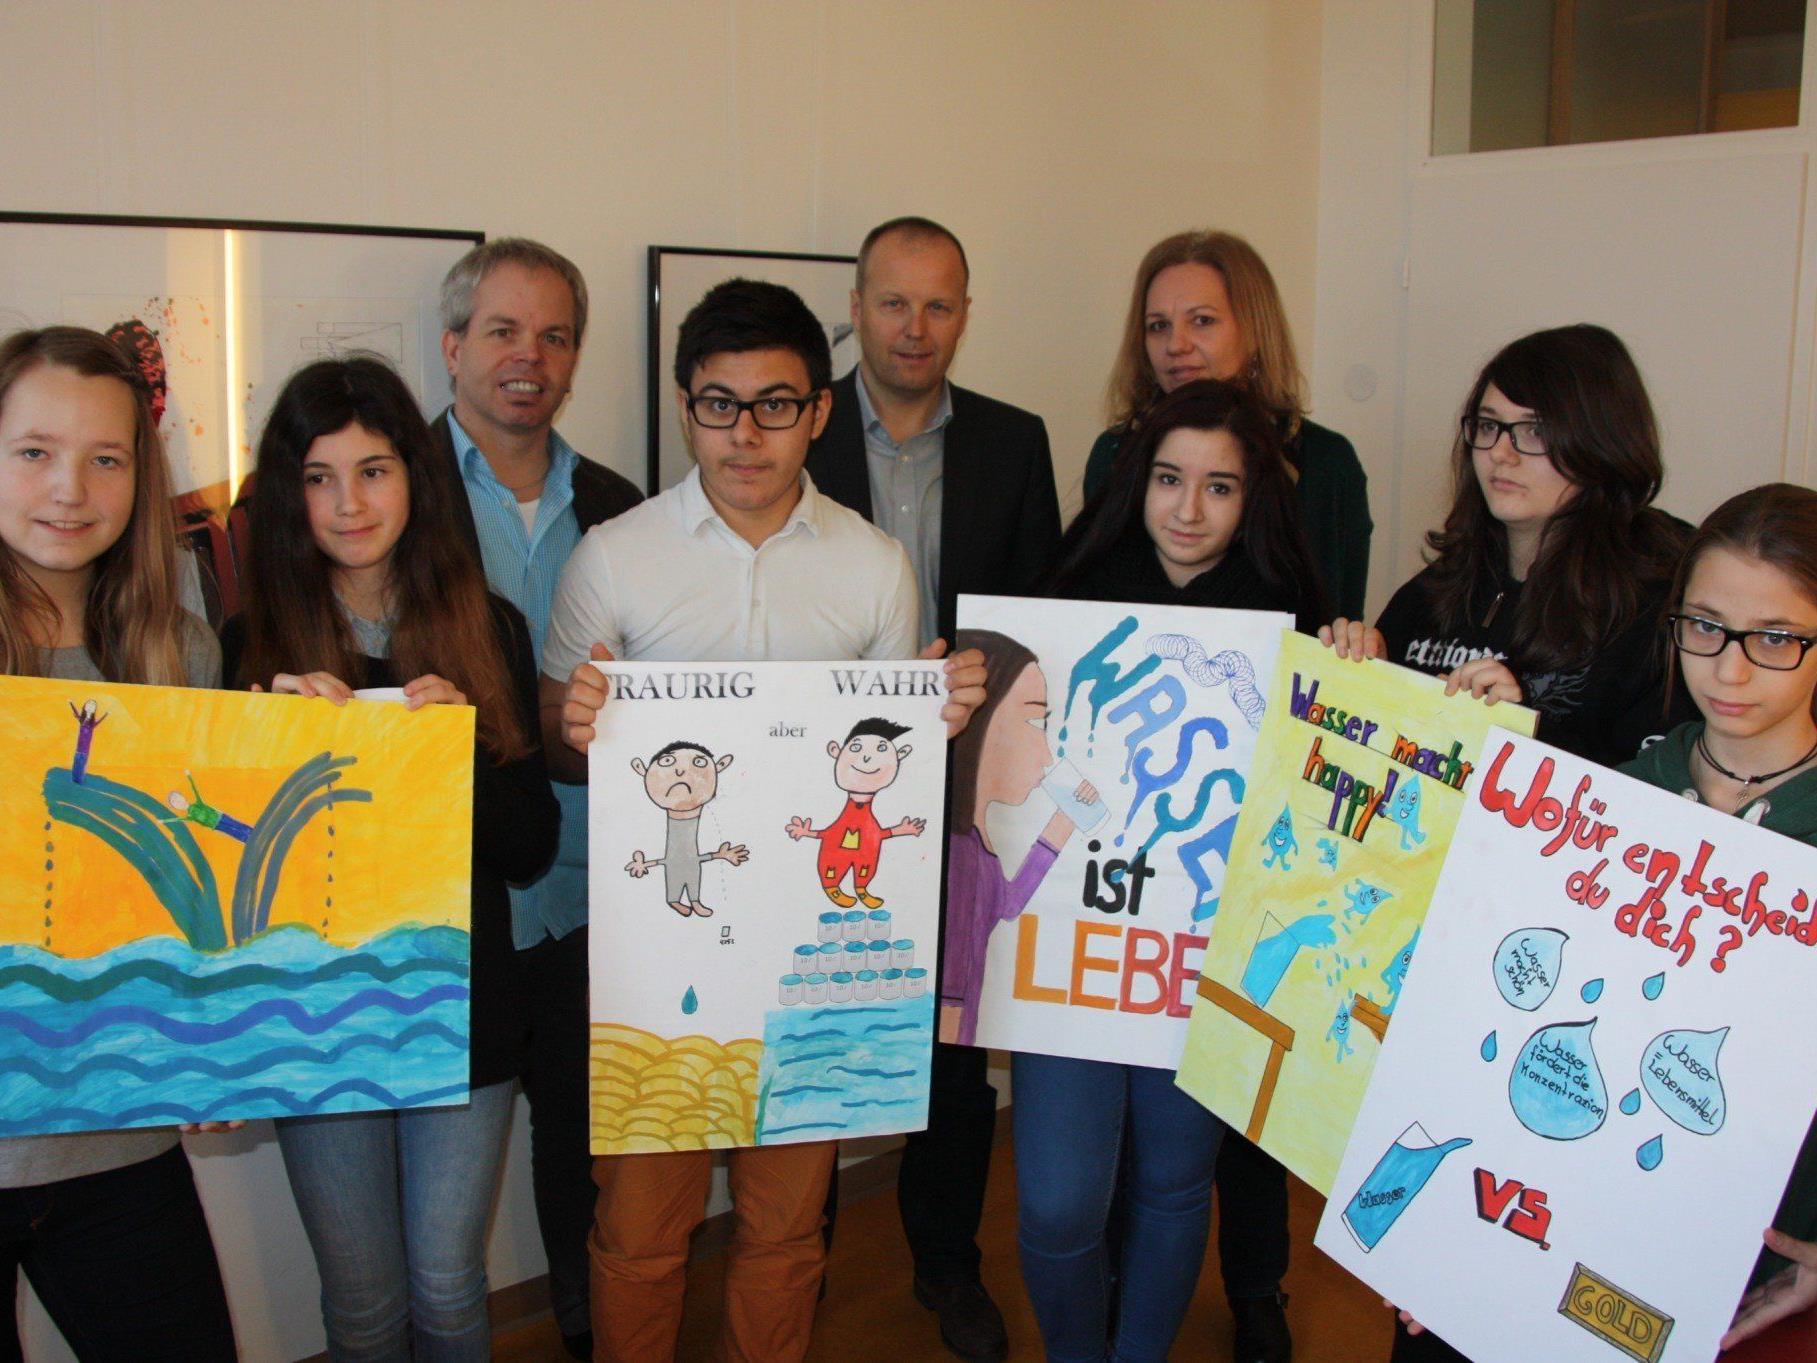 Stolz präsentieren die SchülerInnen der 3b mit Dir. Christian Höpperger, DI Thomas Blank und KV Gaby Hämmerle ihre Wasserplakate.